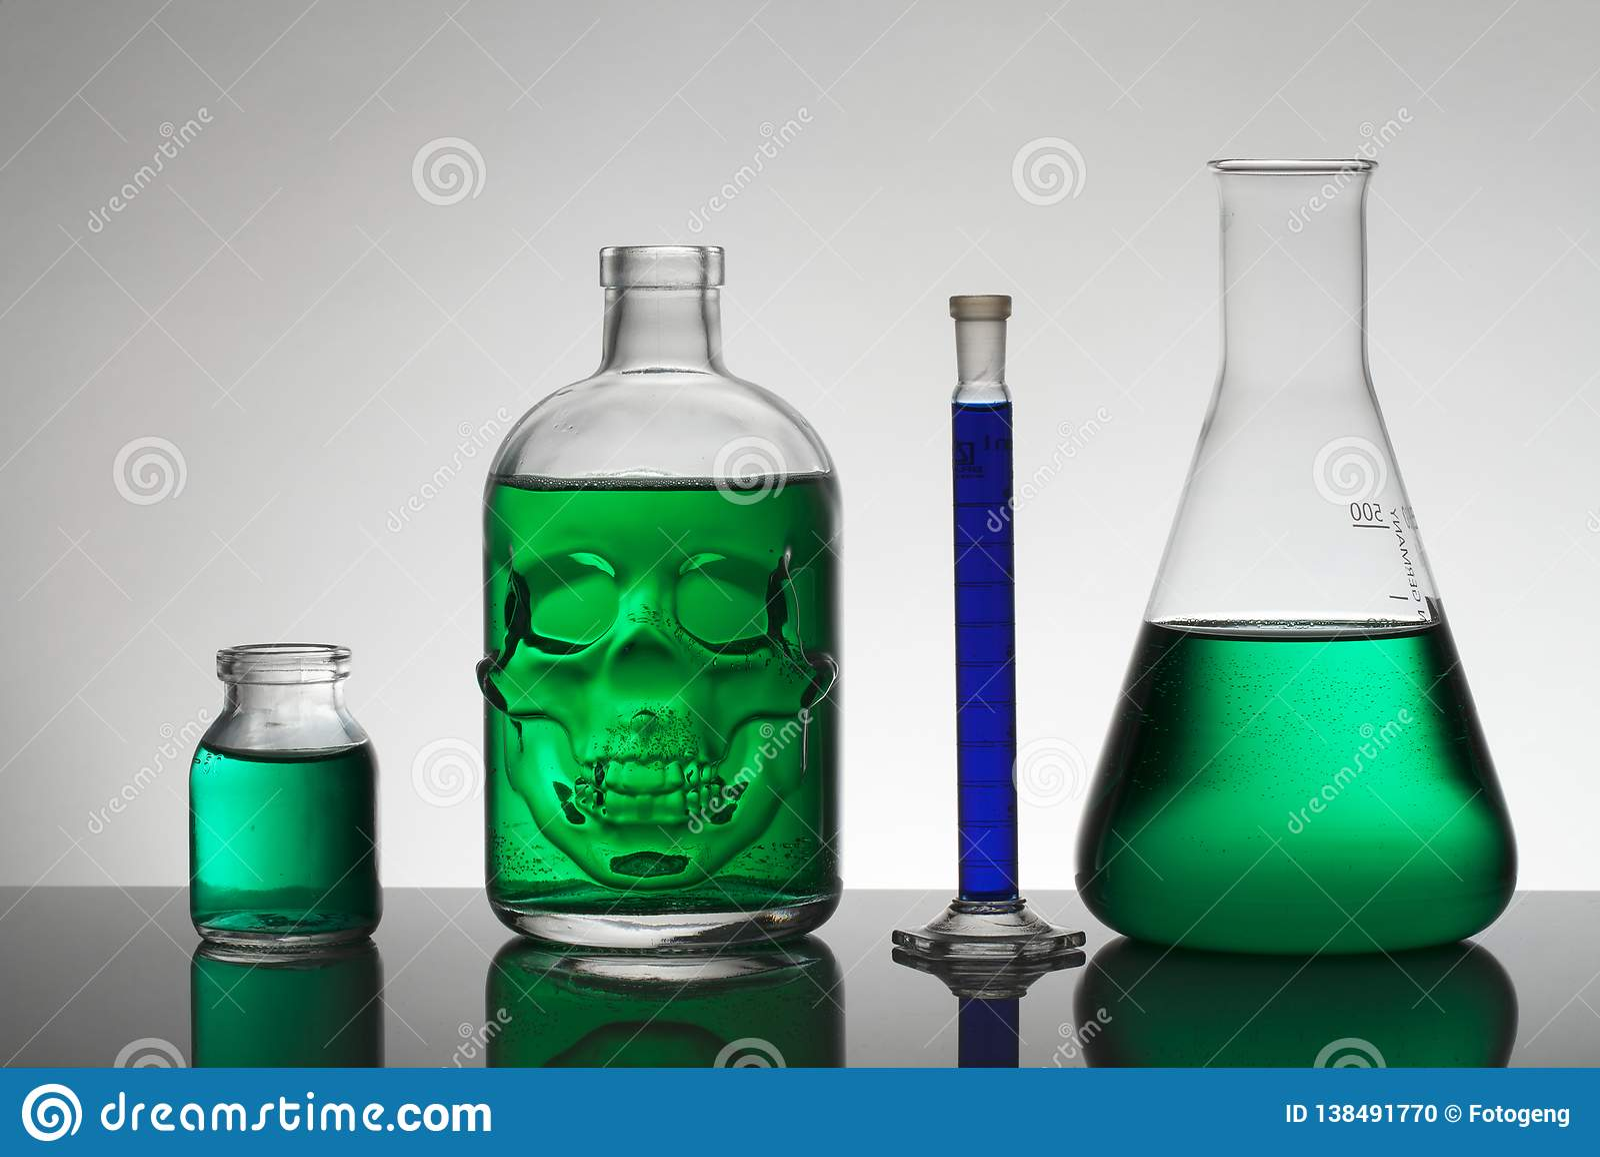 Líquido em umas garrafas do laboratório Laboratório bioquímico científico Líquido colorido